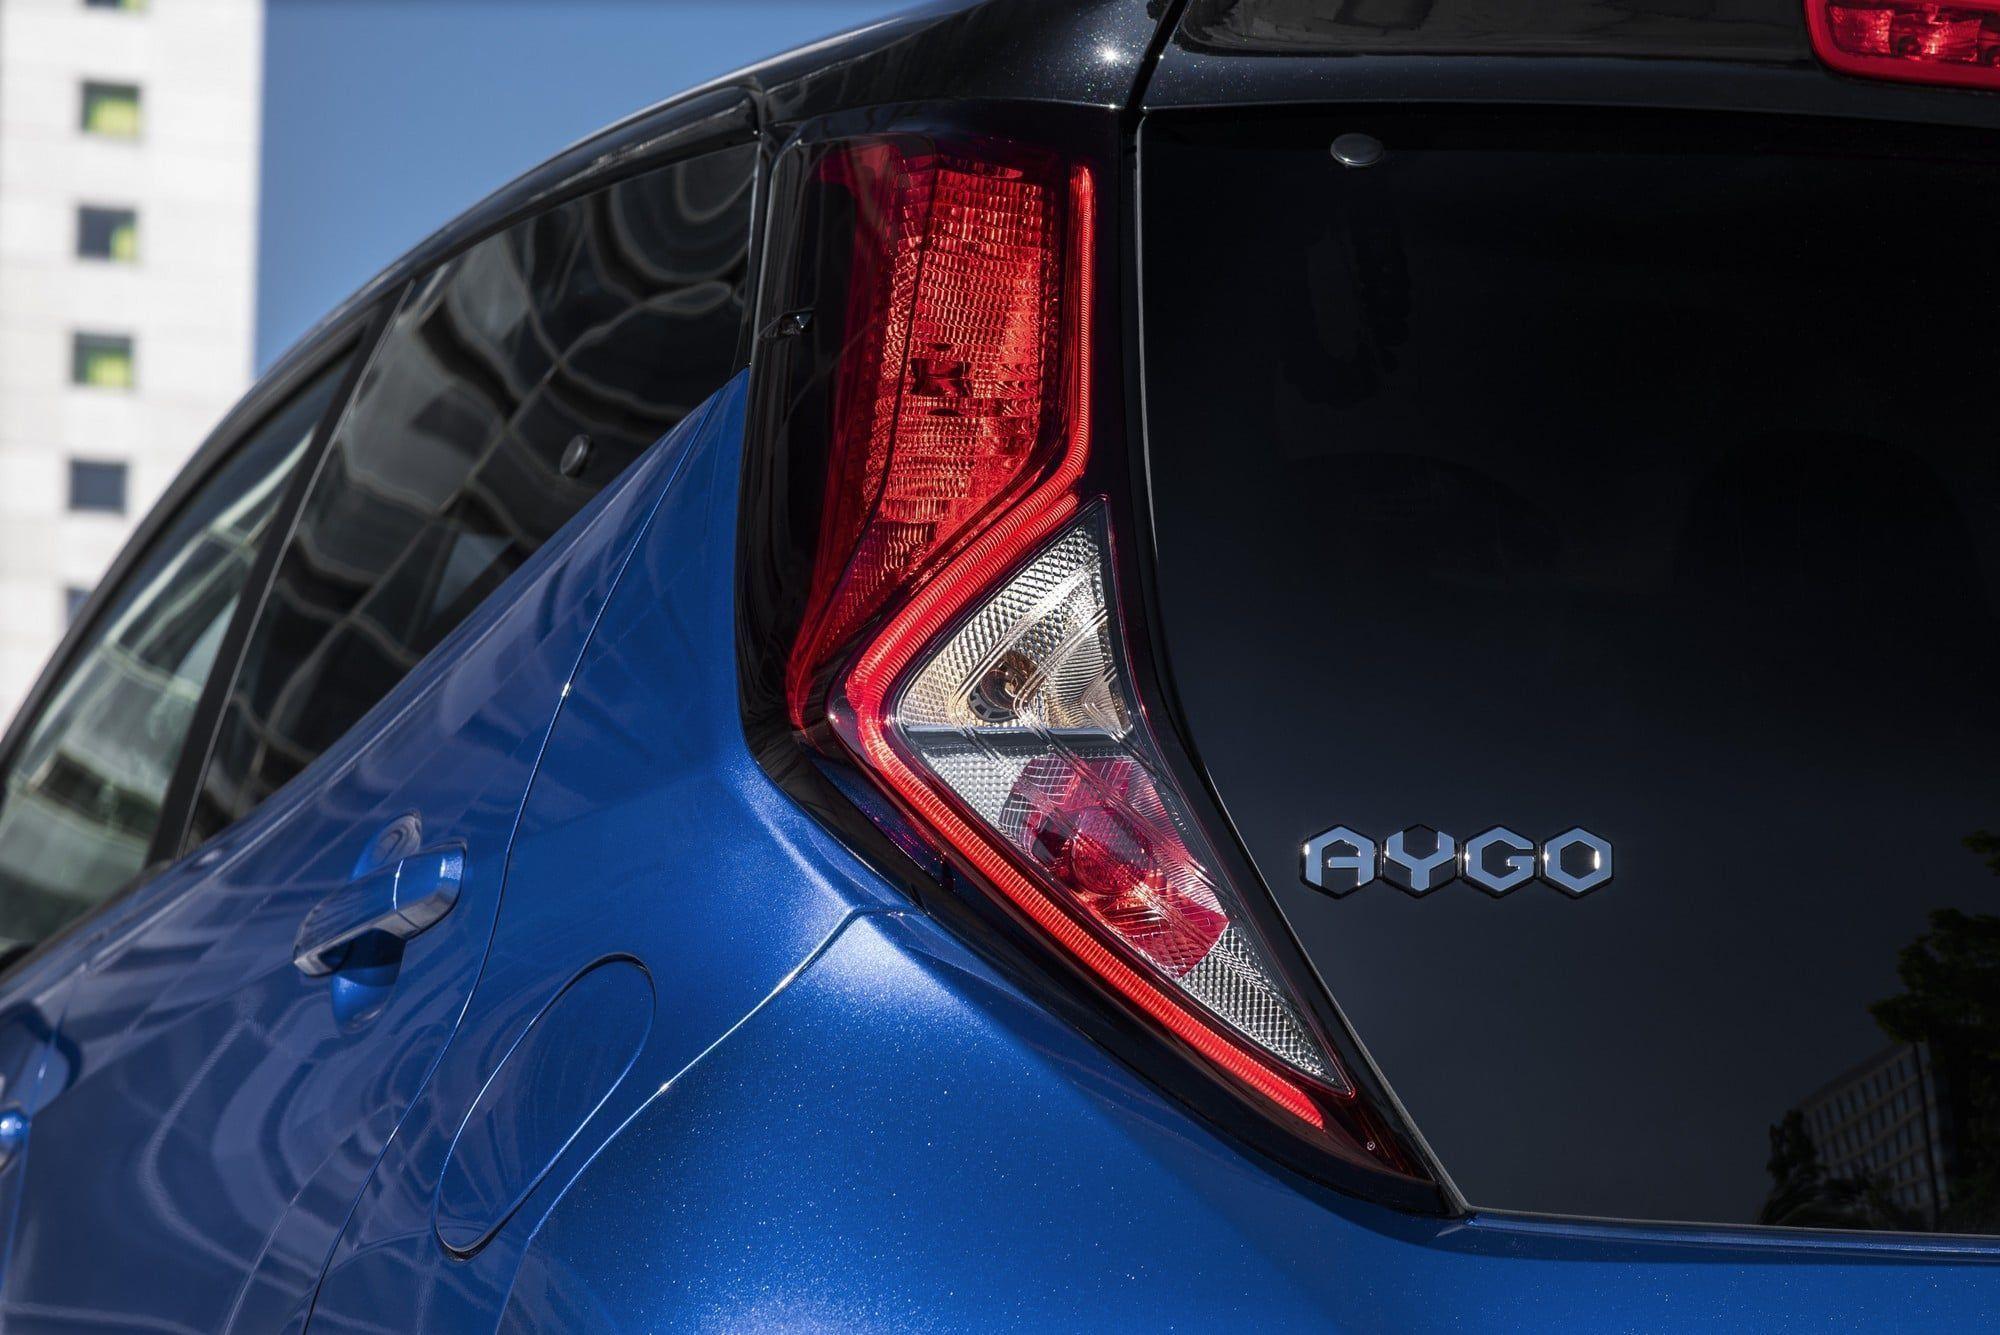 Toyota Aygo logo